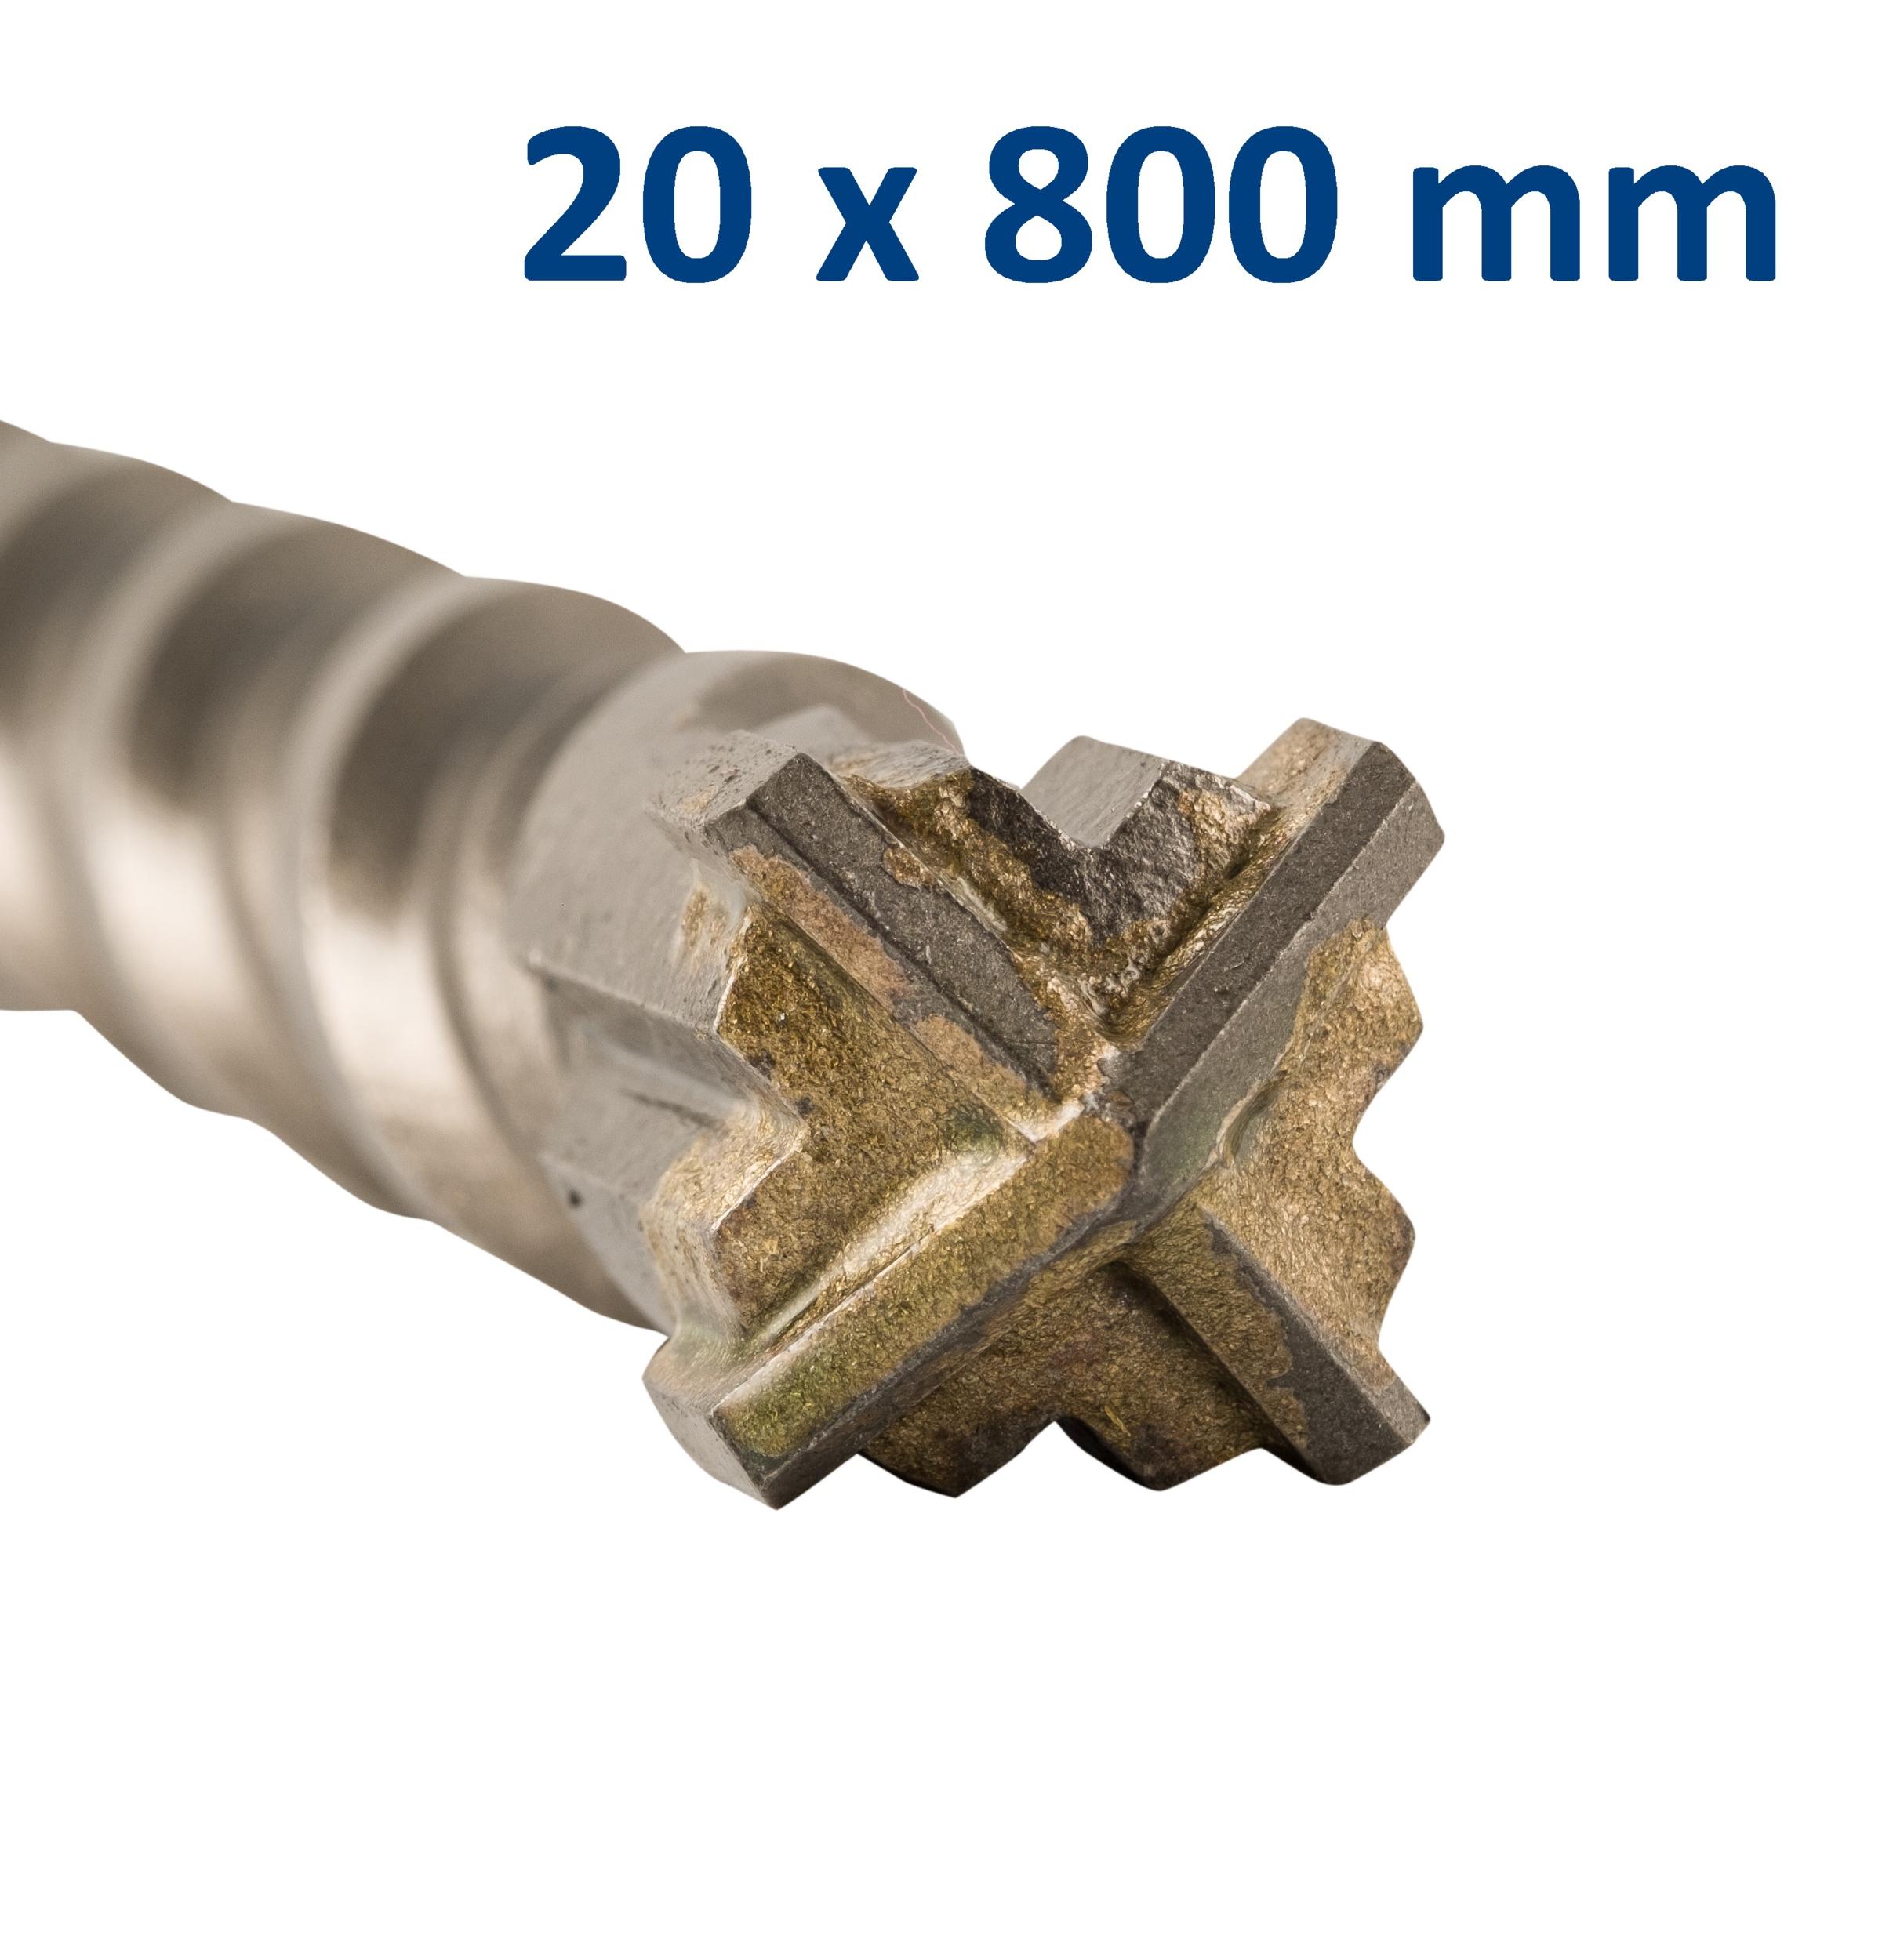 Foret-mèche SDS Plus pointe en croix 20x800 mm